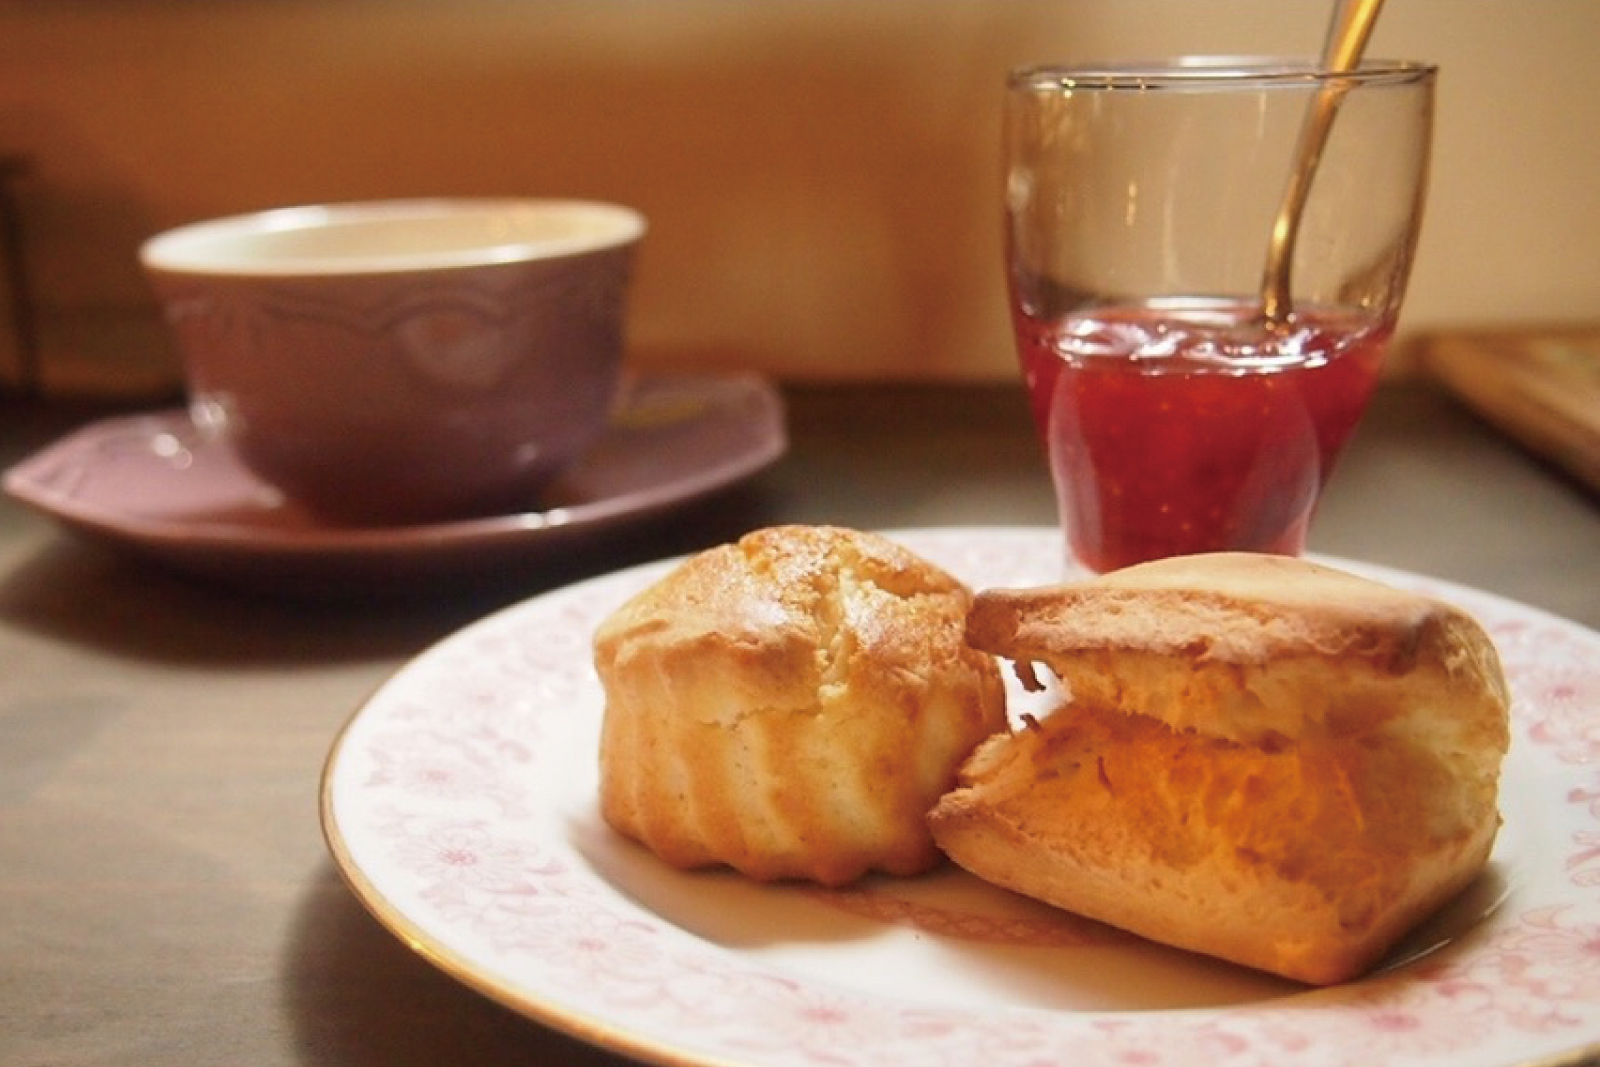 熊木ホットケーキ店アソート(+ 熊木ホットケーキ店オリジナルブレンドティーバッグ5個セット)